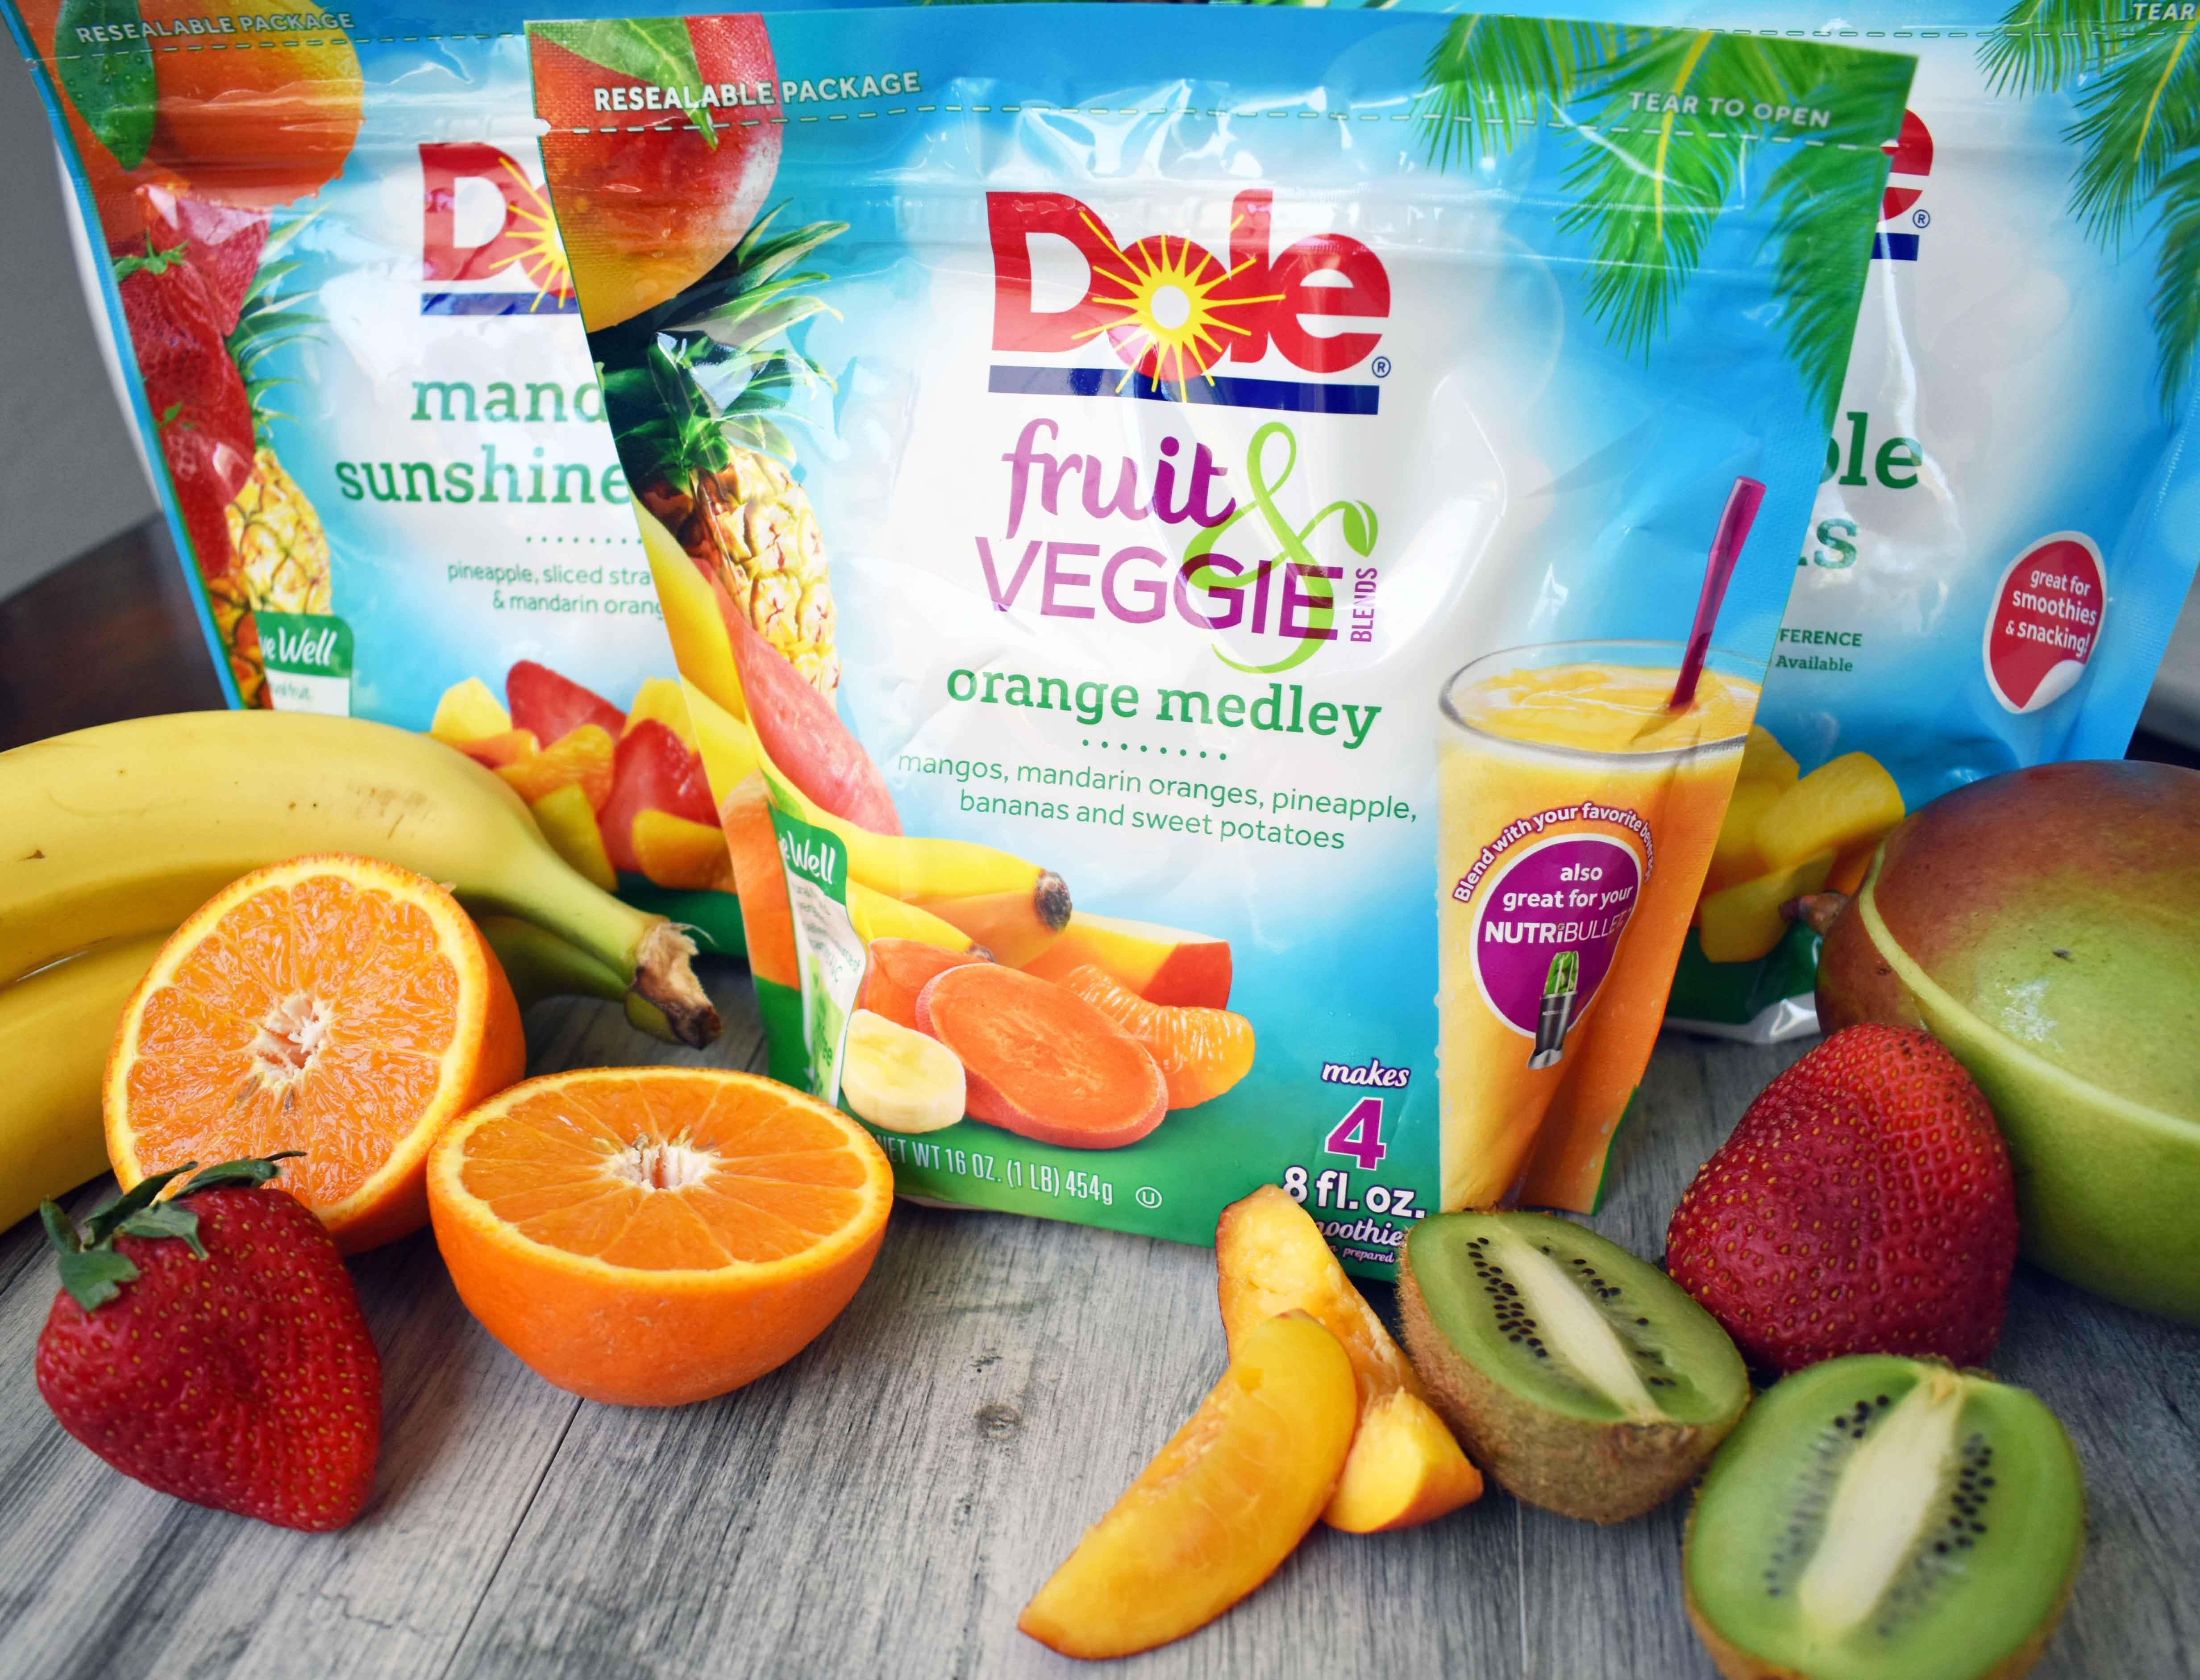 dole frozen fruit healthy fruit desert